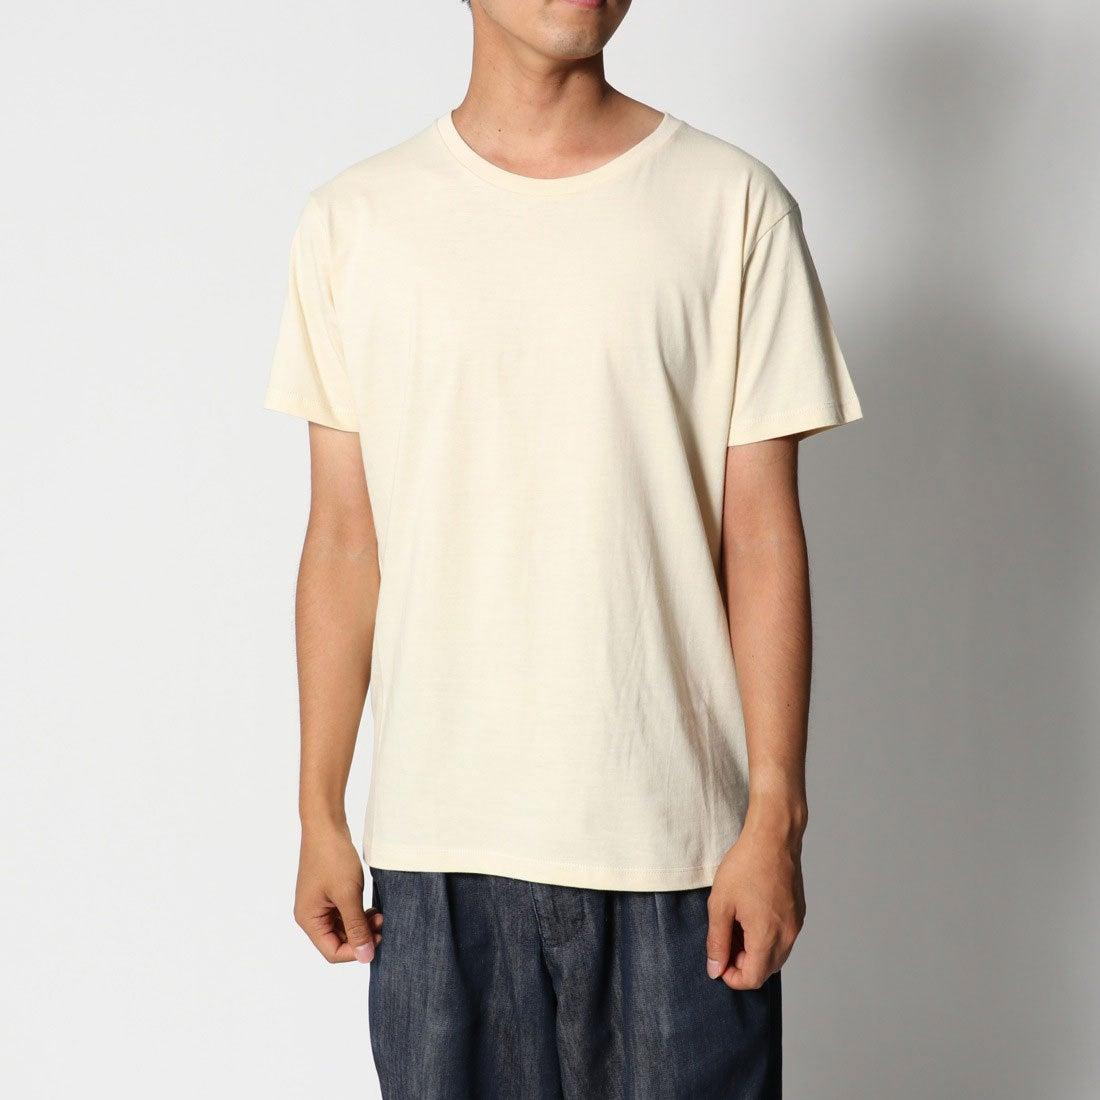 ロコンド 靴とファッションの通販サイトリネーム Rename クルーネックTシャツ (アイボリー)